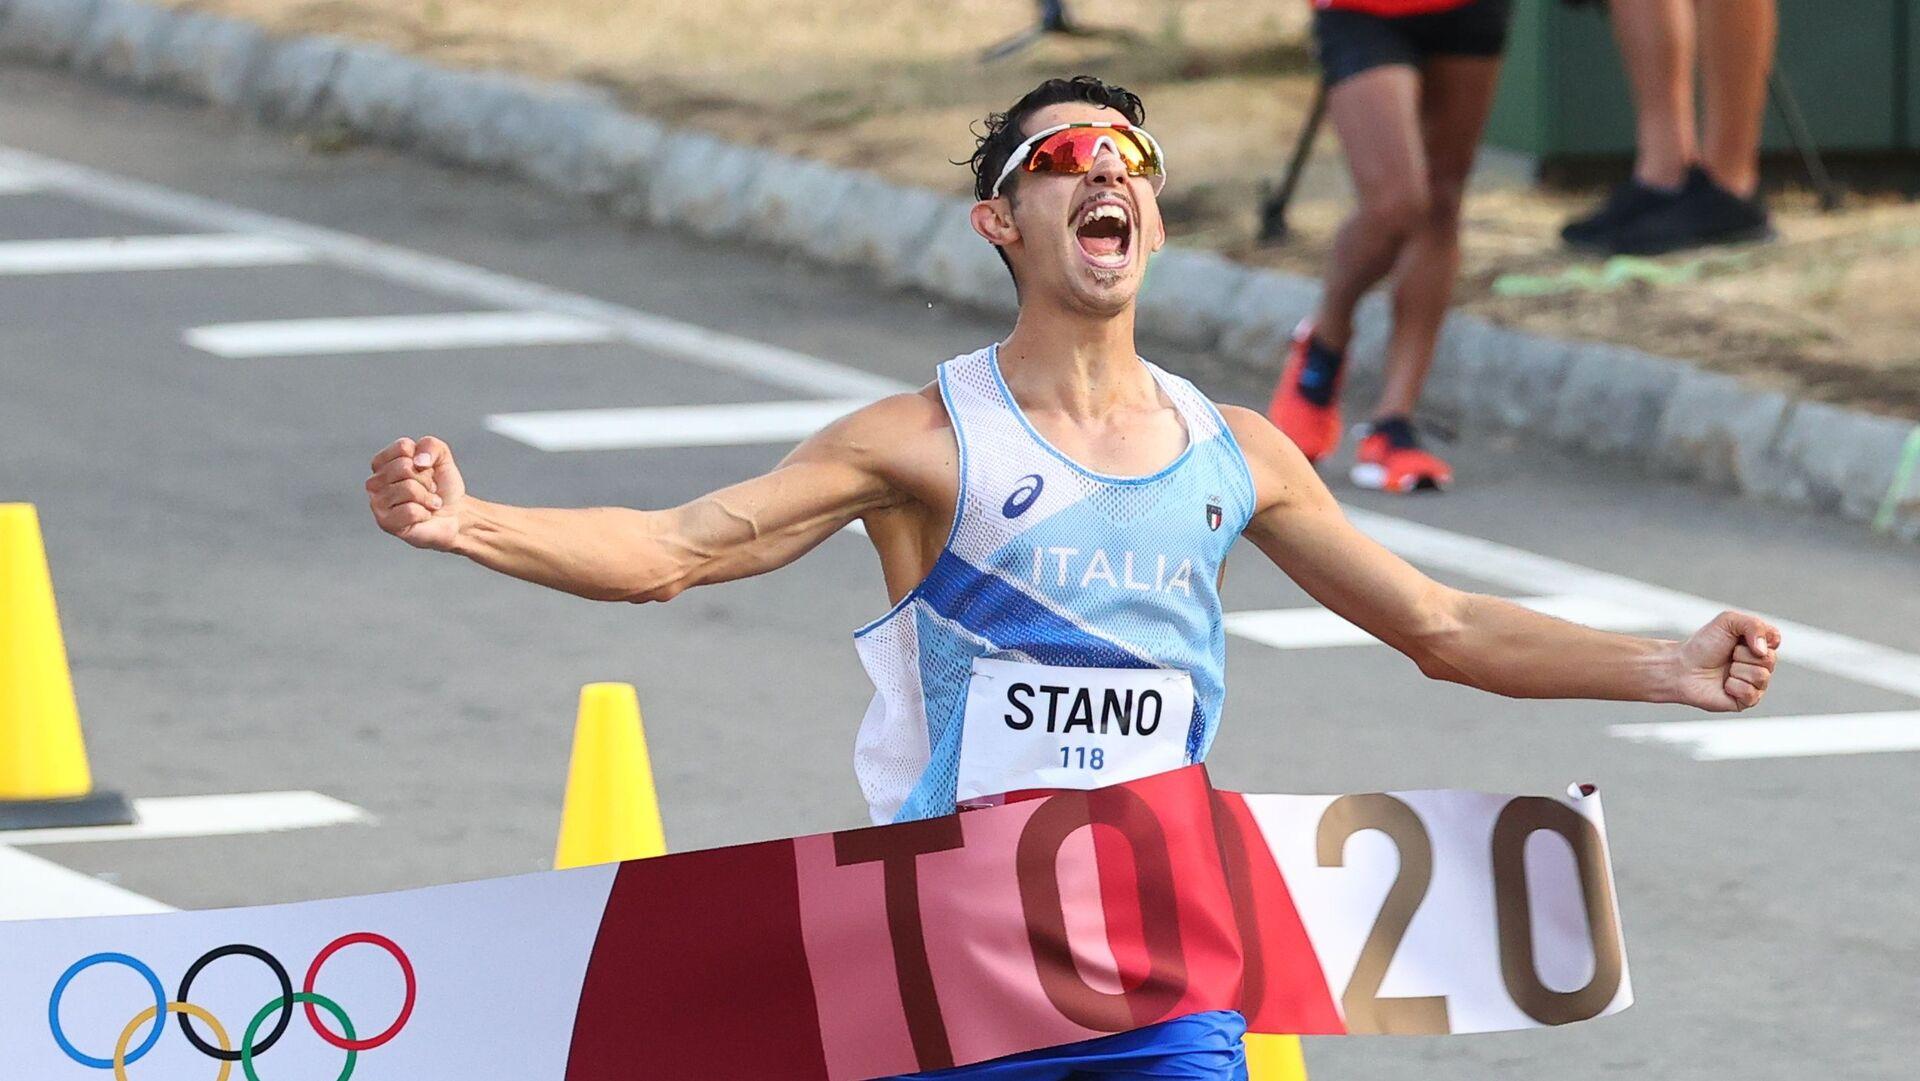 Massimo Stano vince oro nella 20 km di marcia - Sputnik Italia, 1920, 05.08.2021